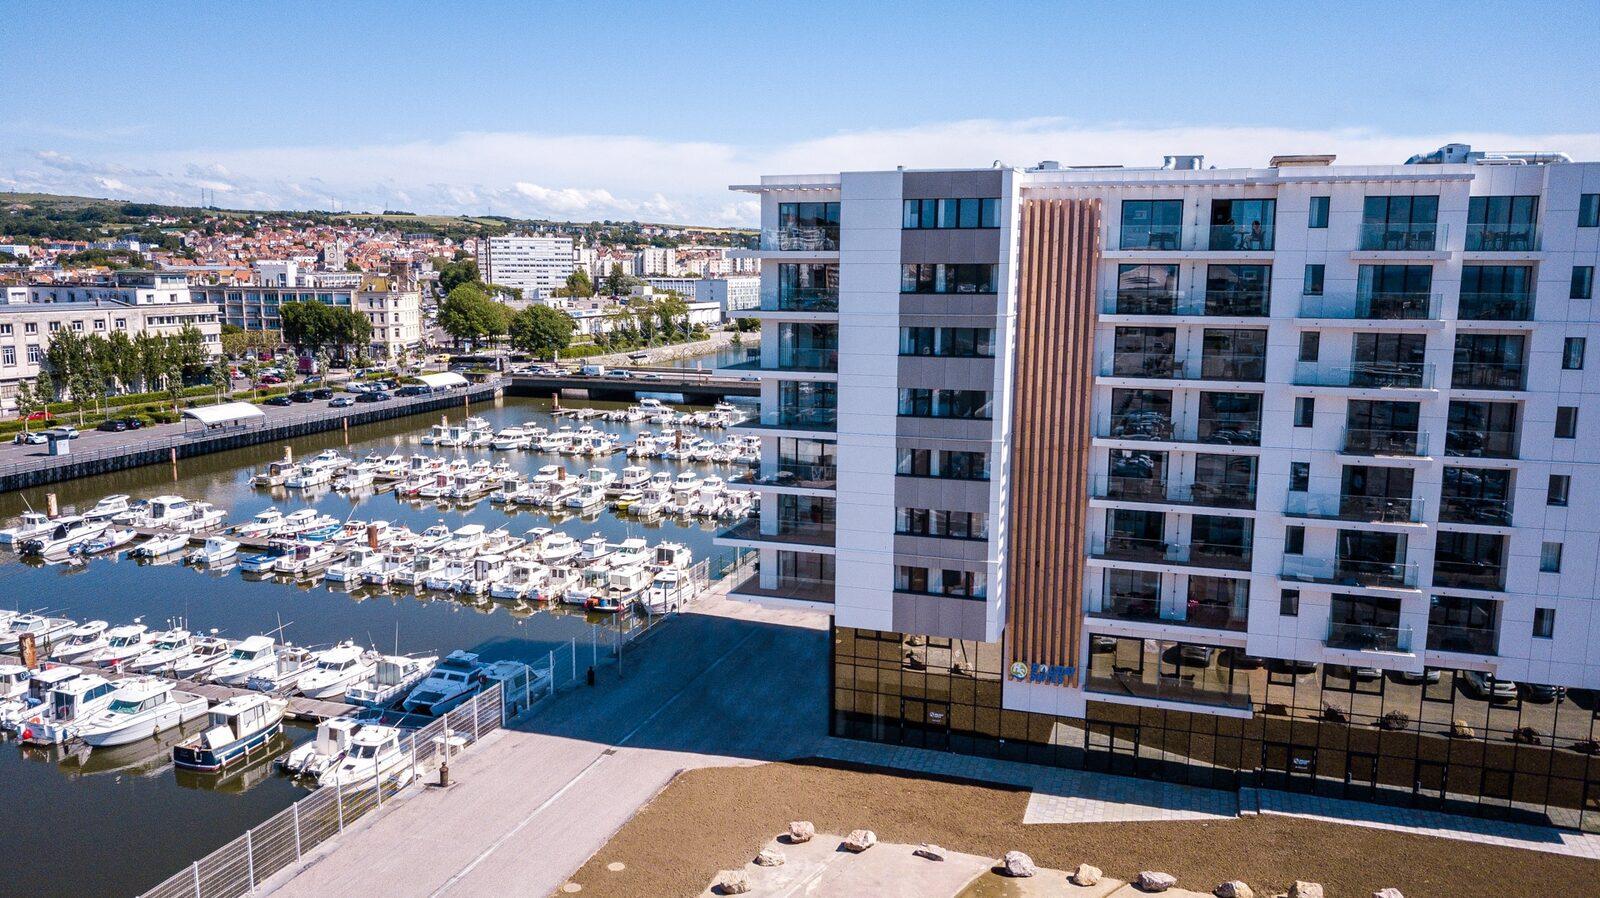 Holiday Suites Boulogne Sur Mer | Location de vacances à Boulogne Sur Mer